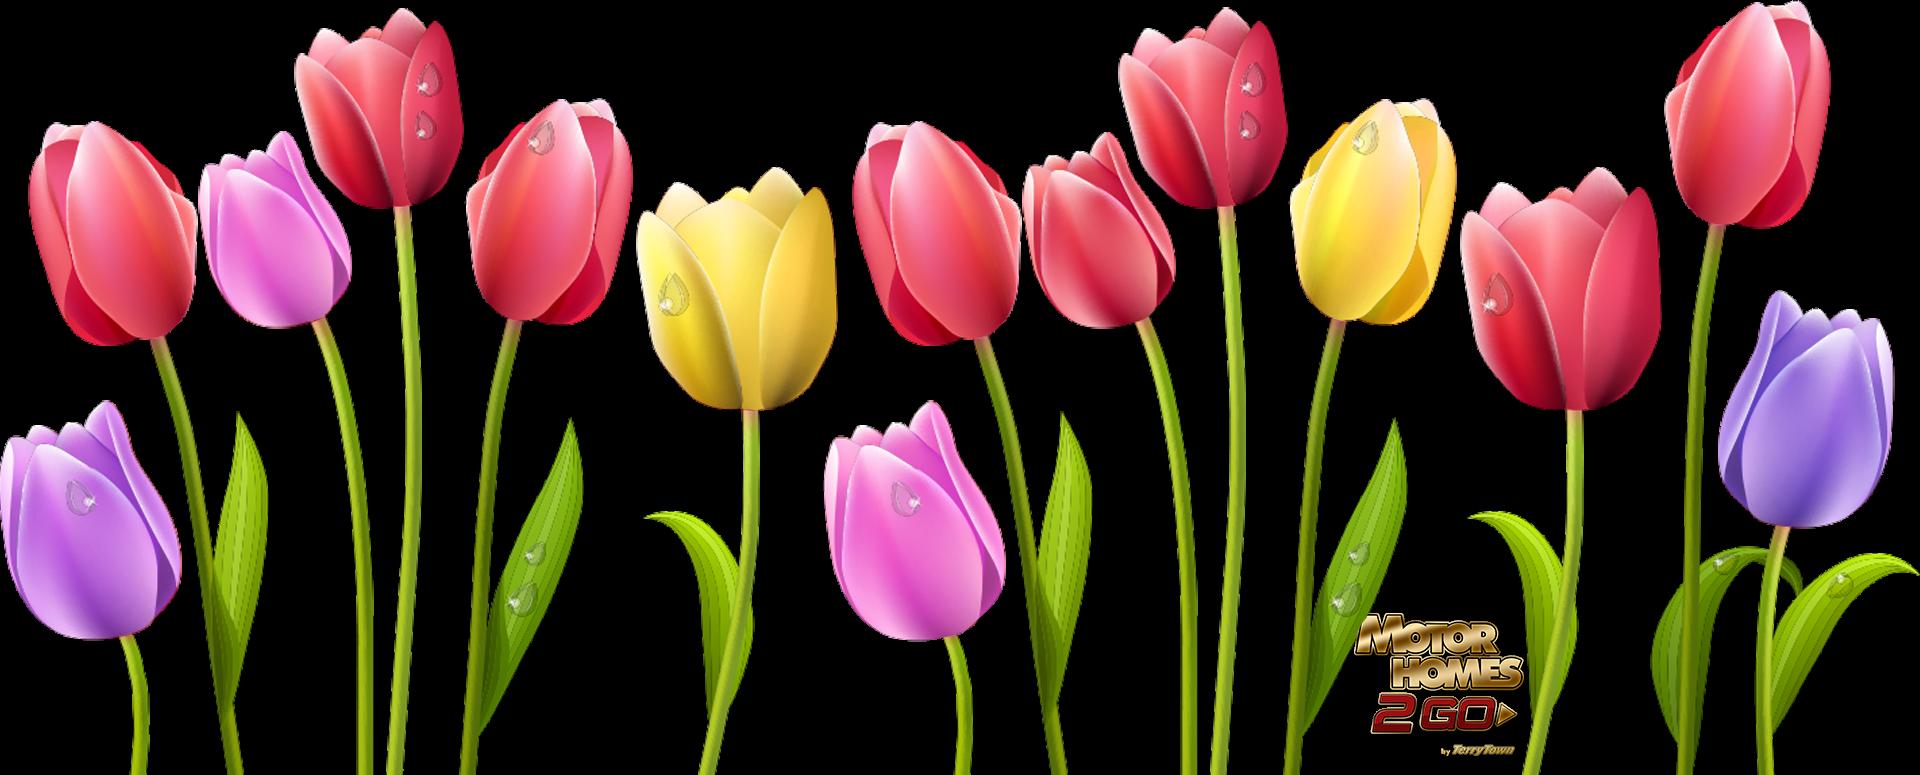 Spring Is Here: Skagit Valley Tulip Fields, WA. Mhs2Go RV Blog